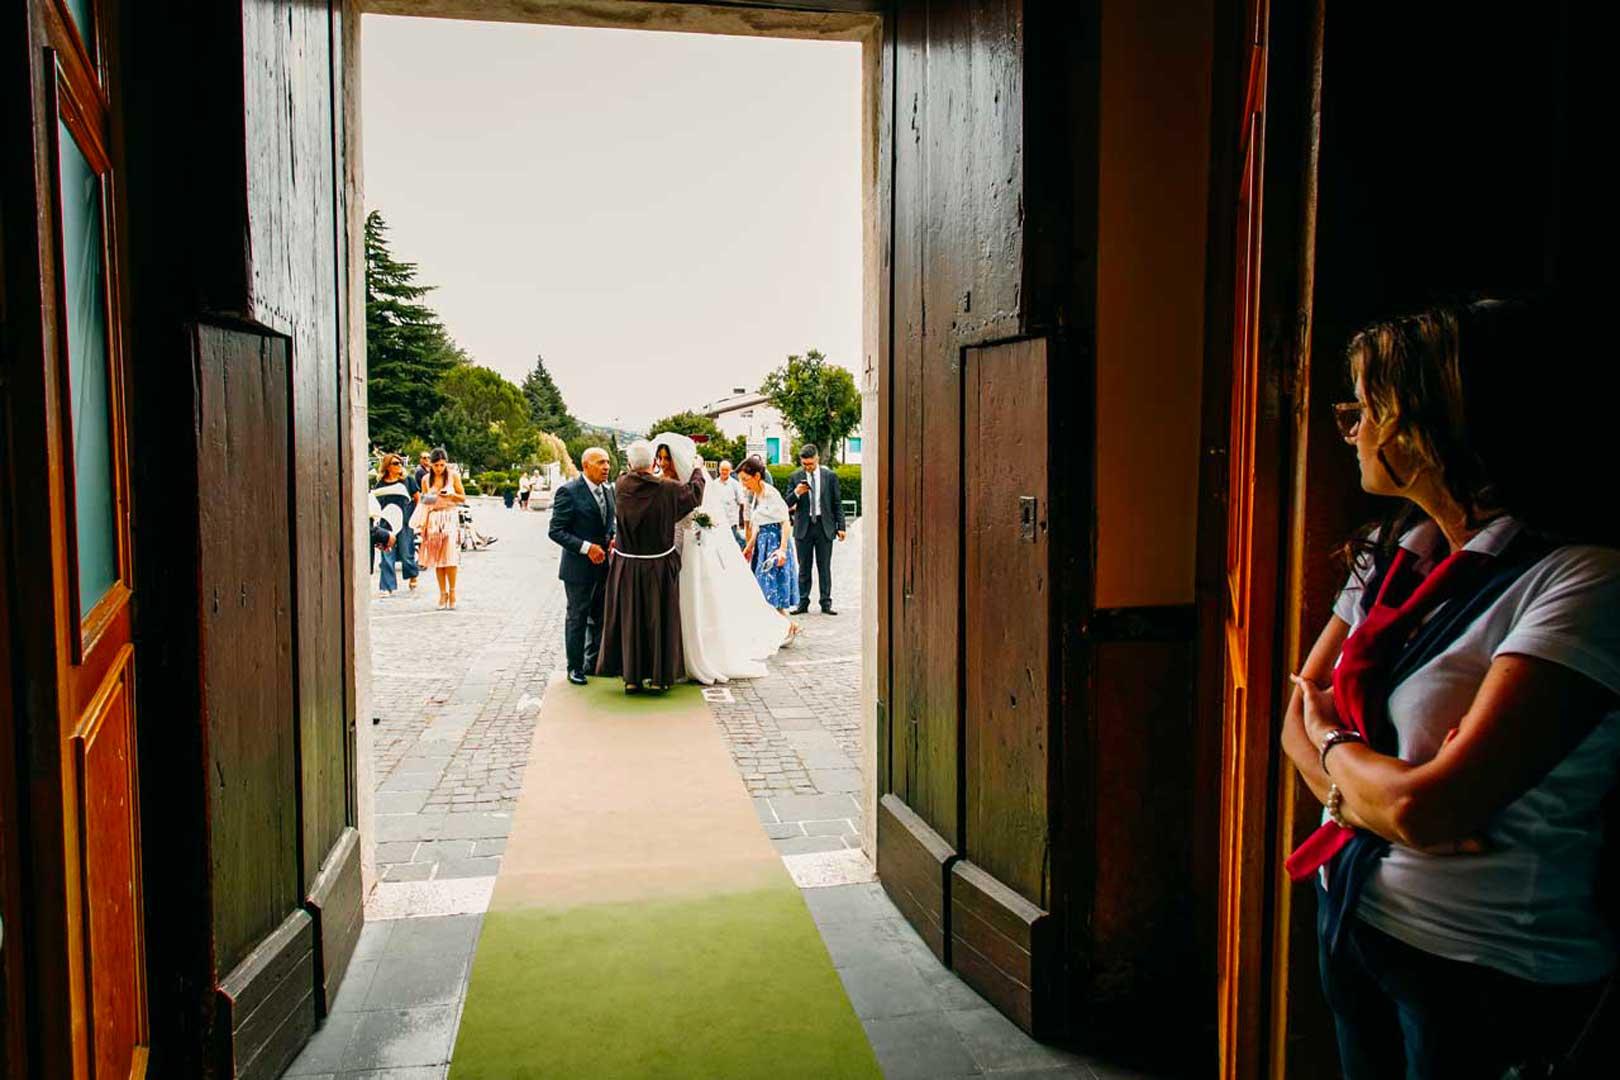 016-matrimonio-san-giovanni-rotondo-gianni-lepore-fotografo-lucera